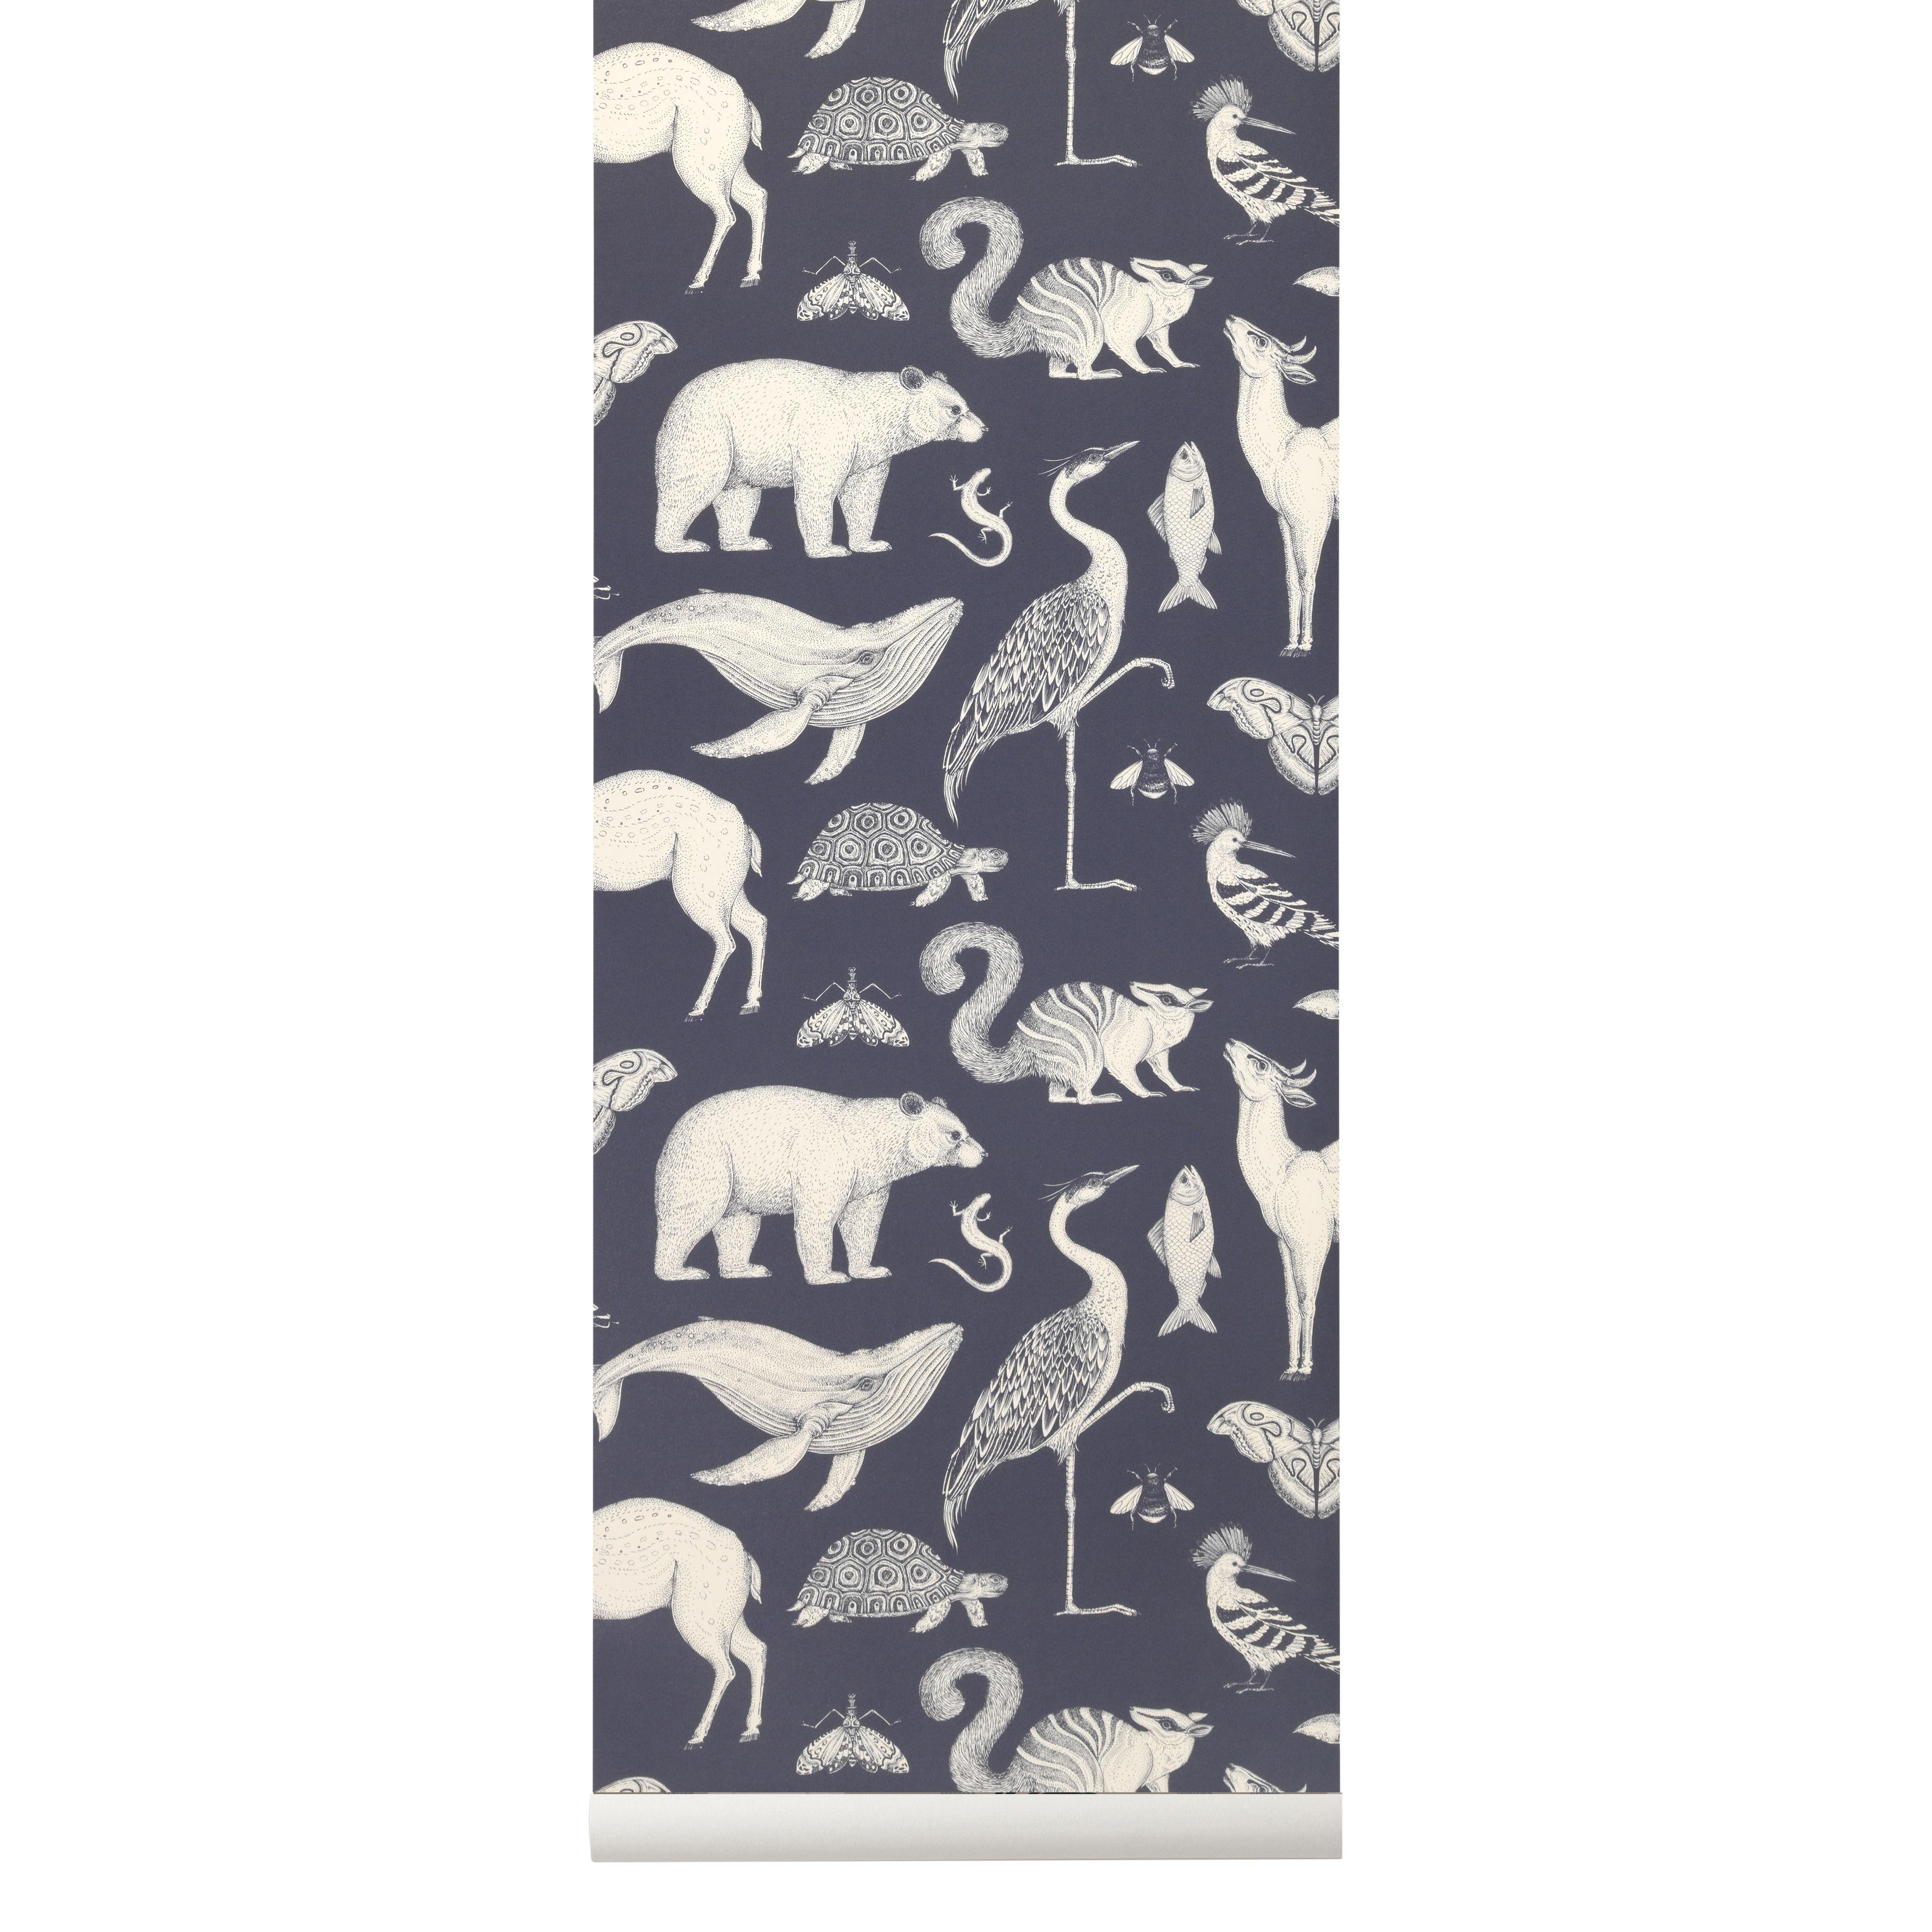 Déco - Stickers, papiers peints & posters - Papier peint Animals / 1 rouleau - Larg 53 cm - Ferm Living - Bleu foncé & blanc - Toile intissée